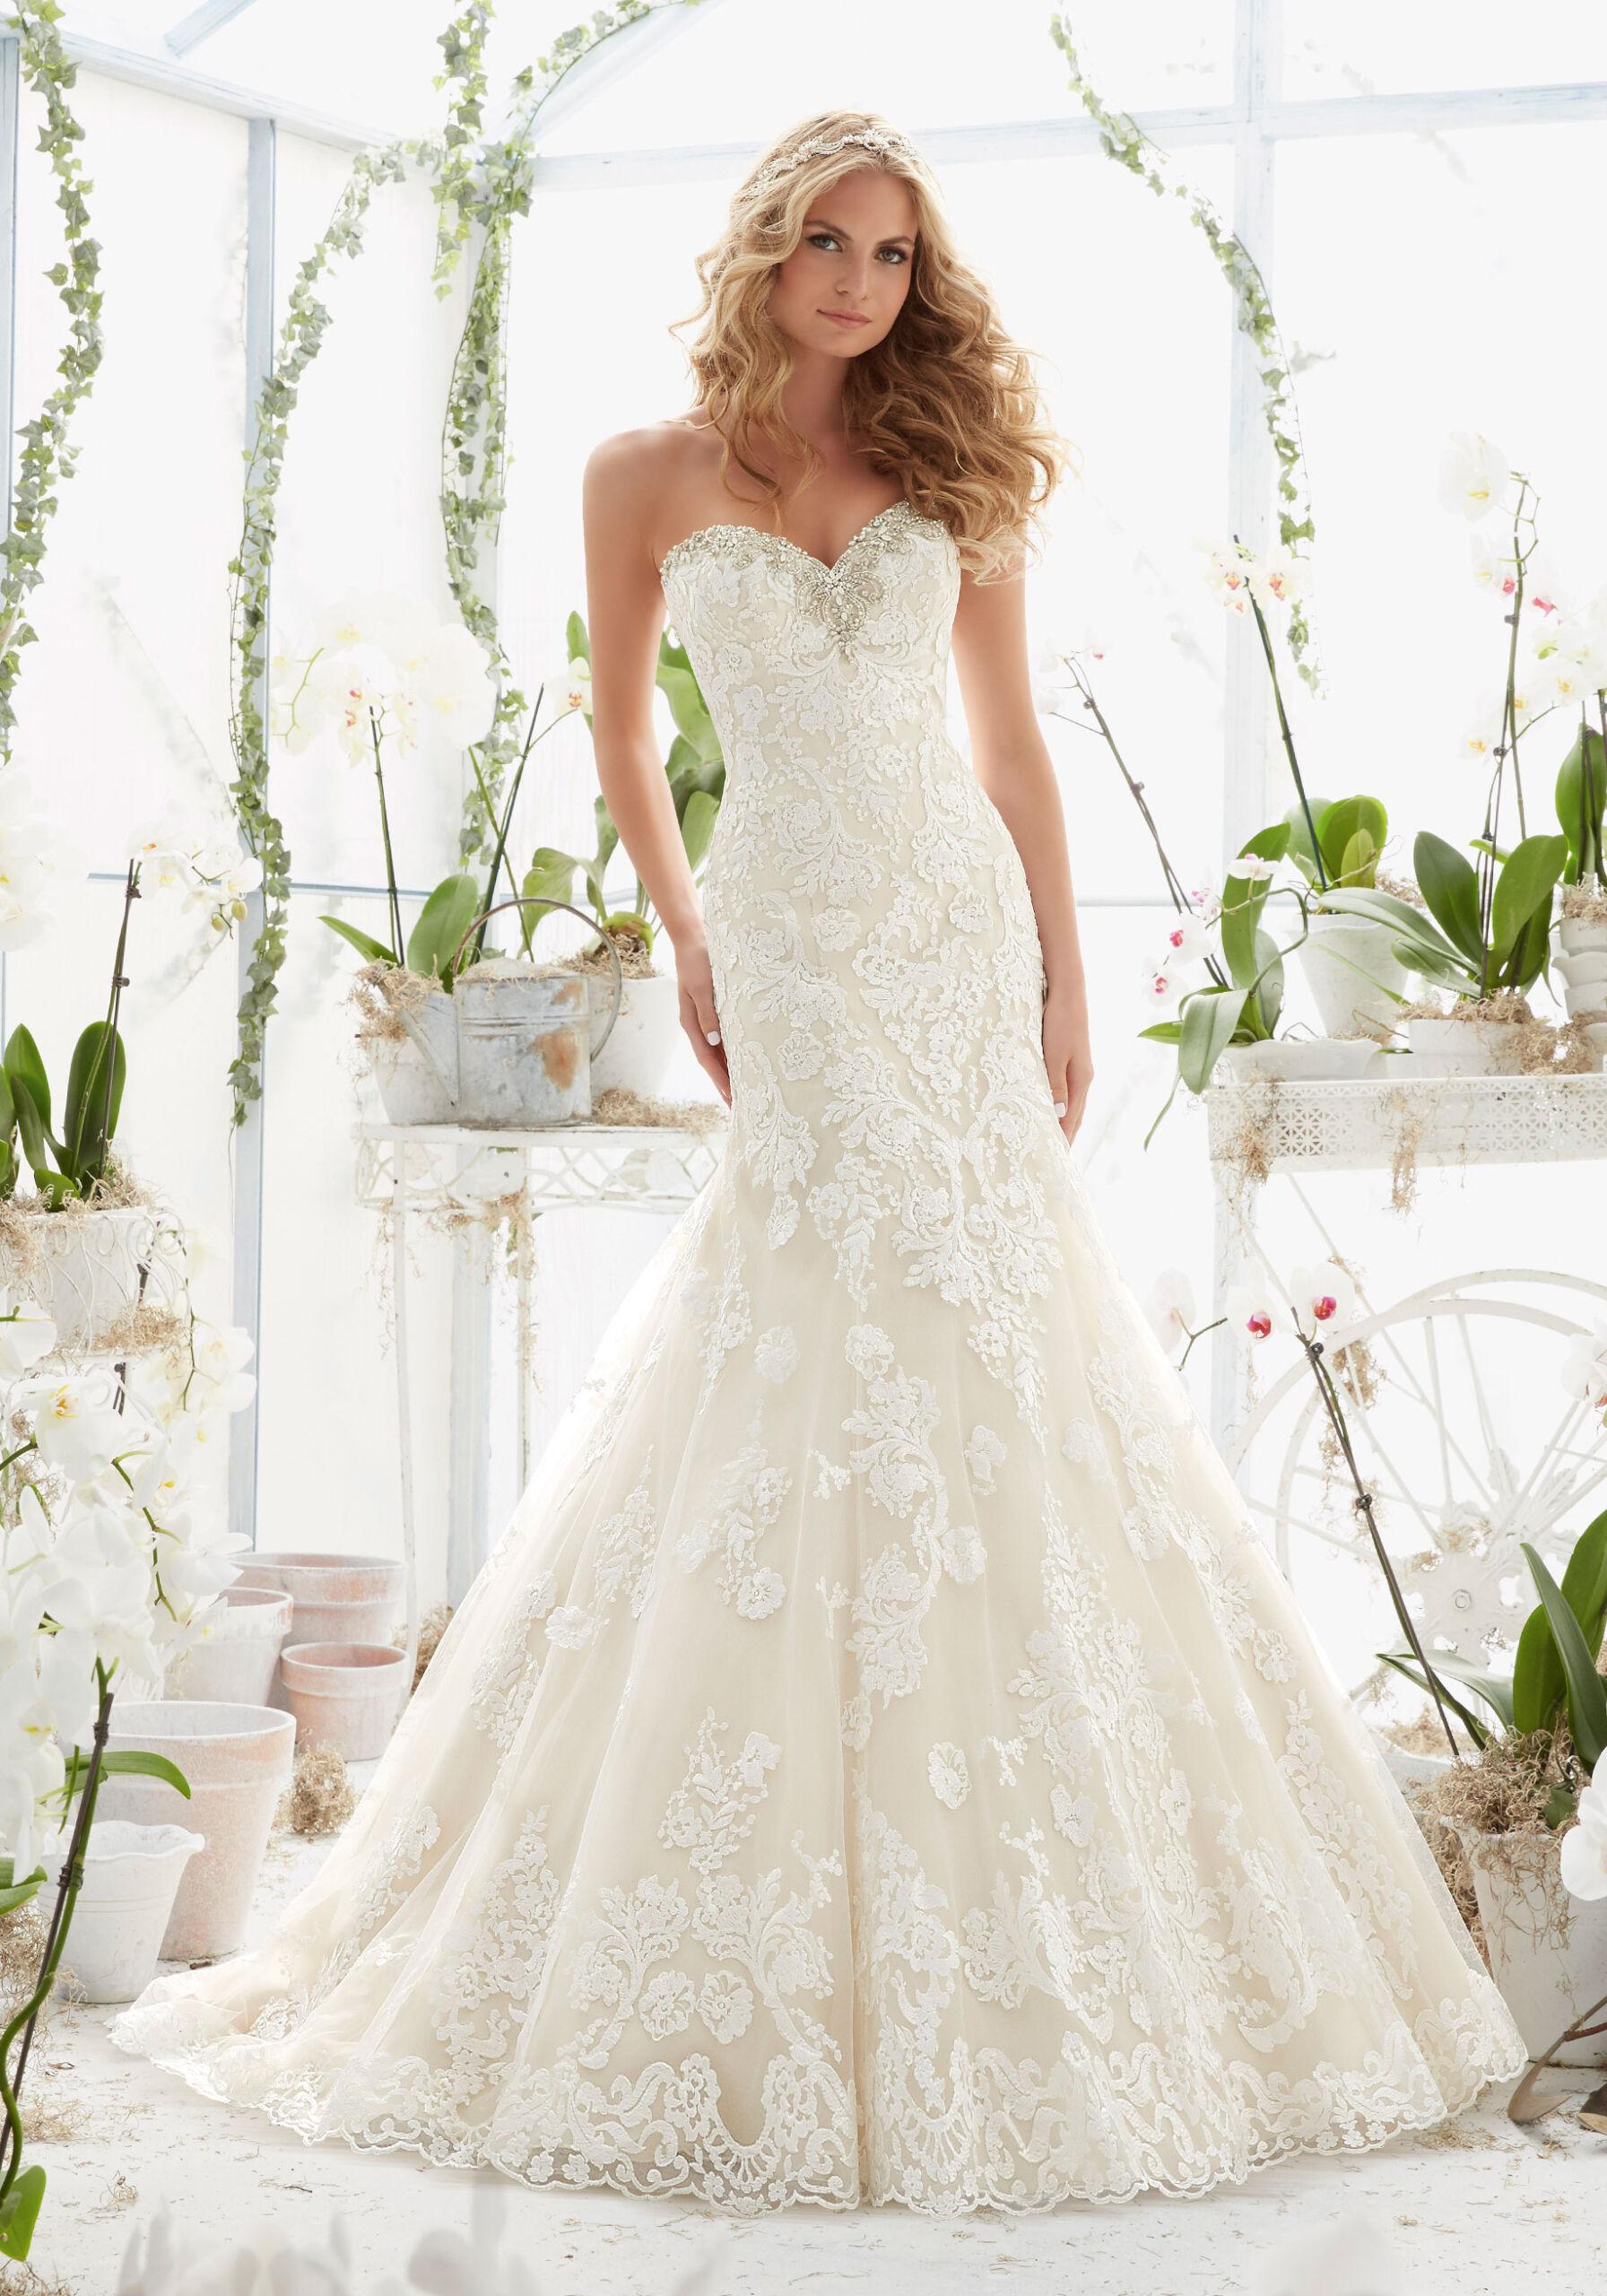 Νυφικό Φόρεμα, Morilee, με Crystal Moonstone Κέντημα. Style. 2817